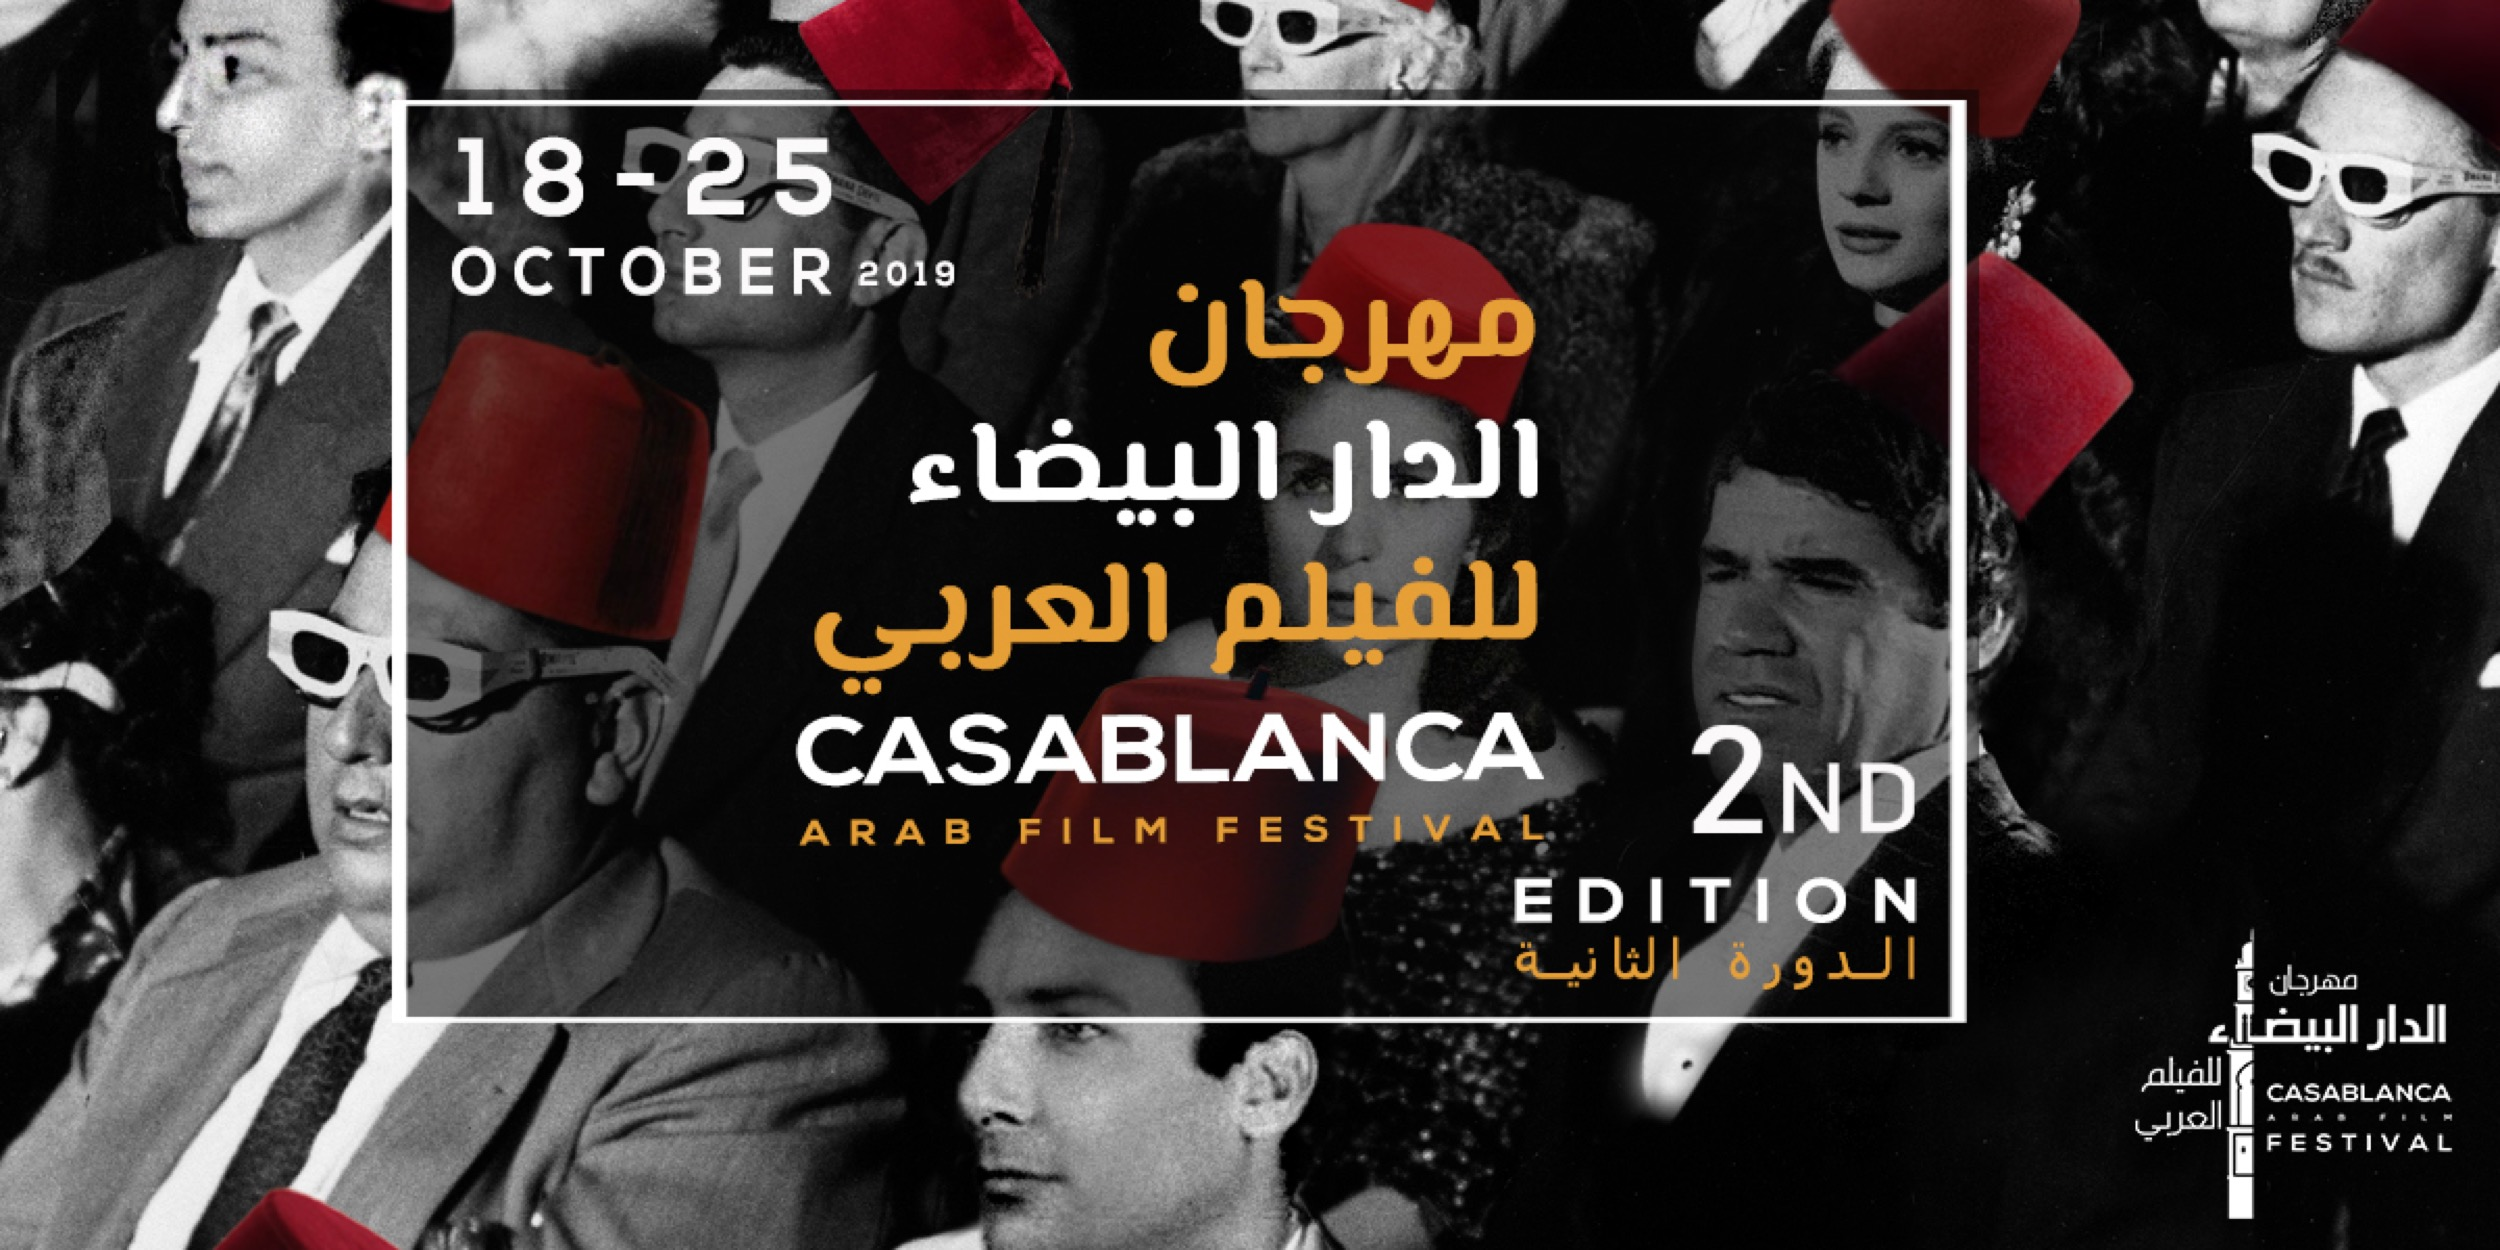 Le Festival du Film Arabe de Casablanca revient pour une deuxième édition :